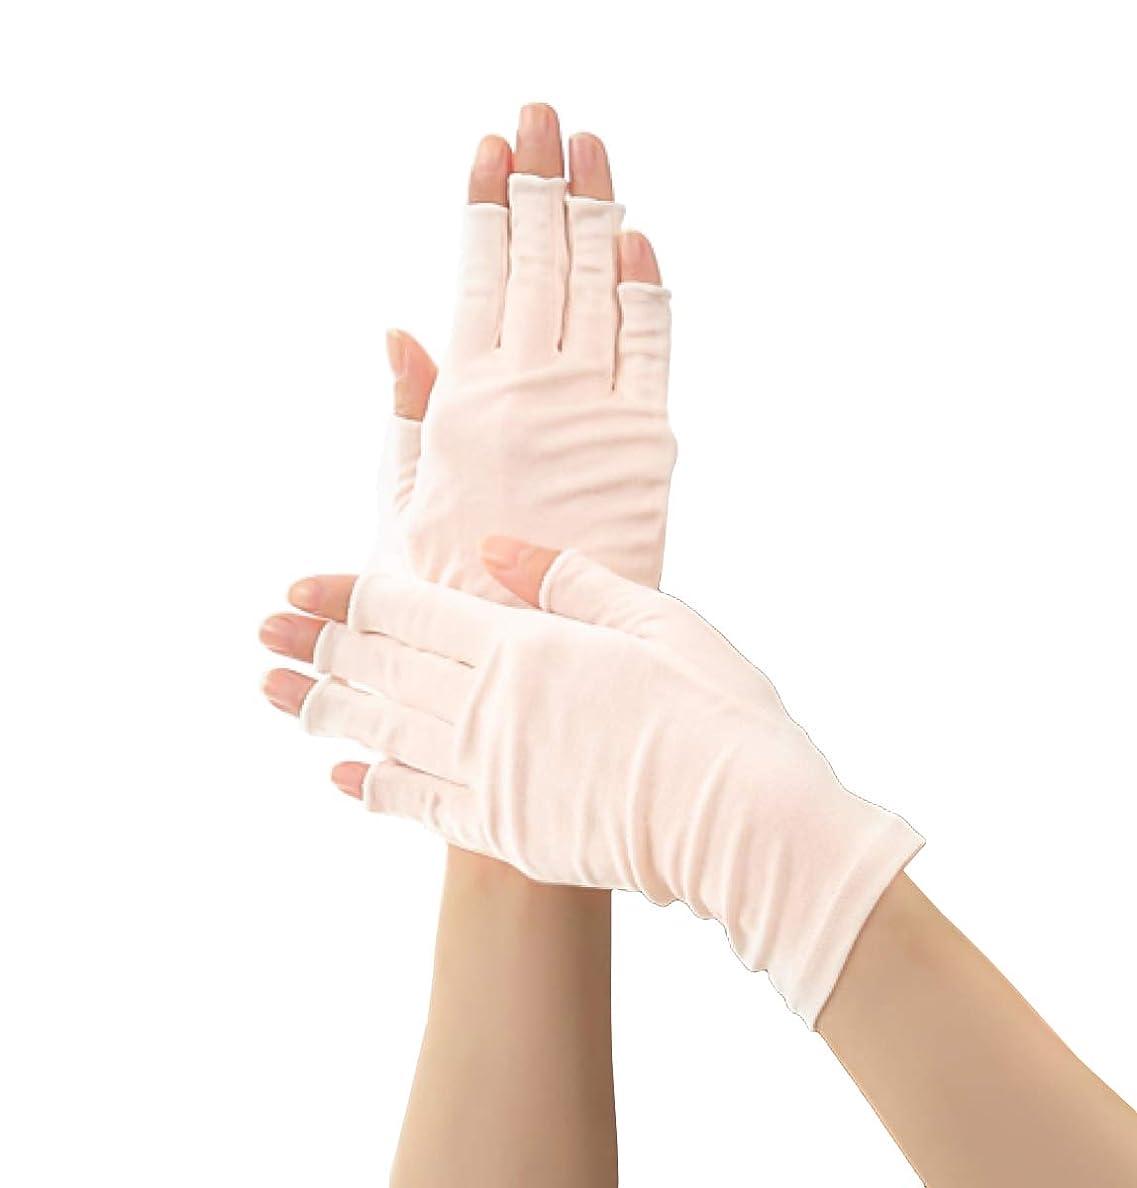 時間返済定義するSilk 100% シルク 手袋 指先カット タイプ 薄手 オールシーズンOK 外出時の 紫外線 UV 対策 スマホ PC 操作 や ICカード 取り出しもらくらく! 手首 ゆったり おやすみ フィンガーレス スキンケア ハンドケア グローブ (ピンクホワイト)